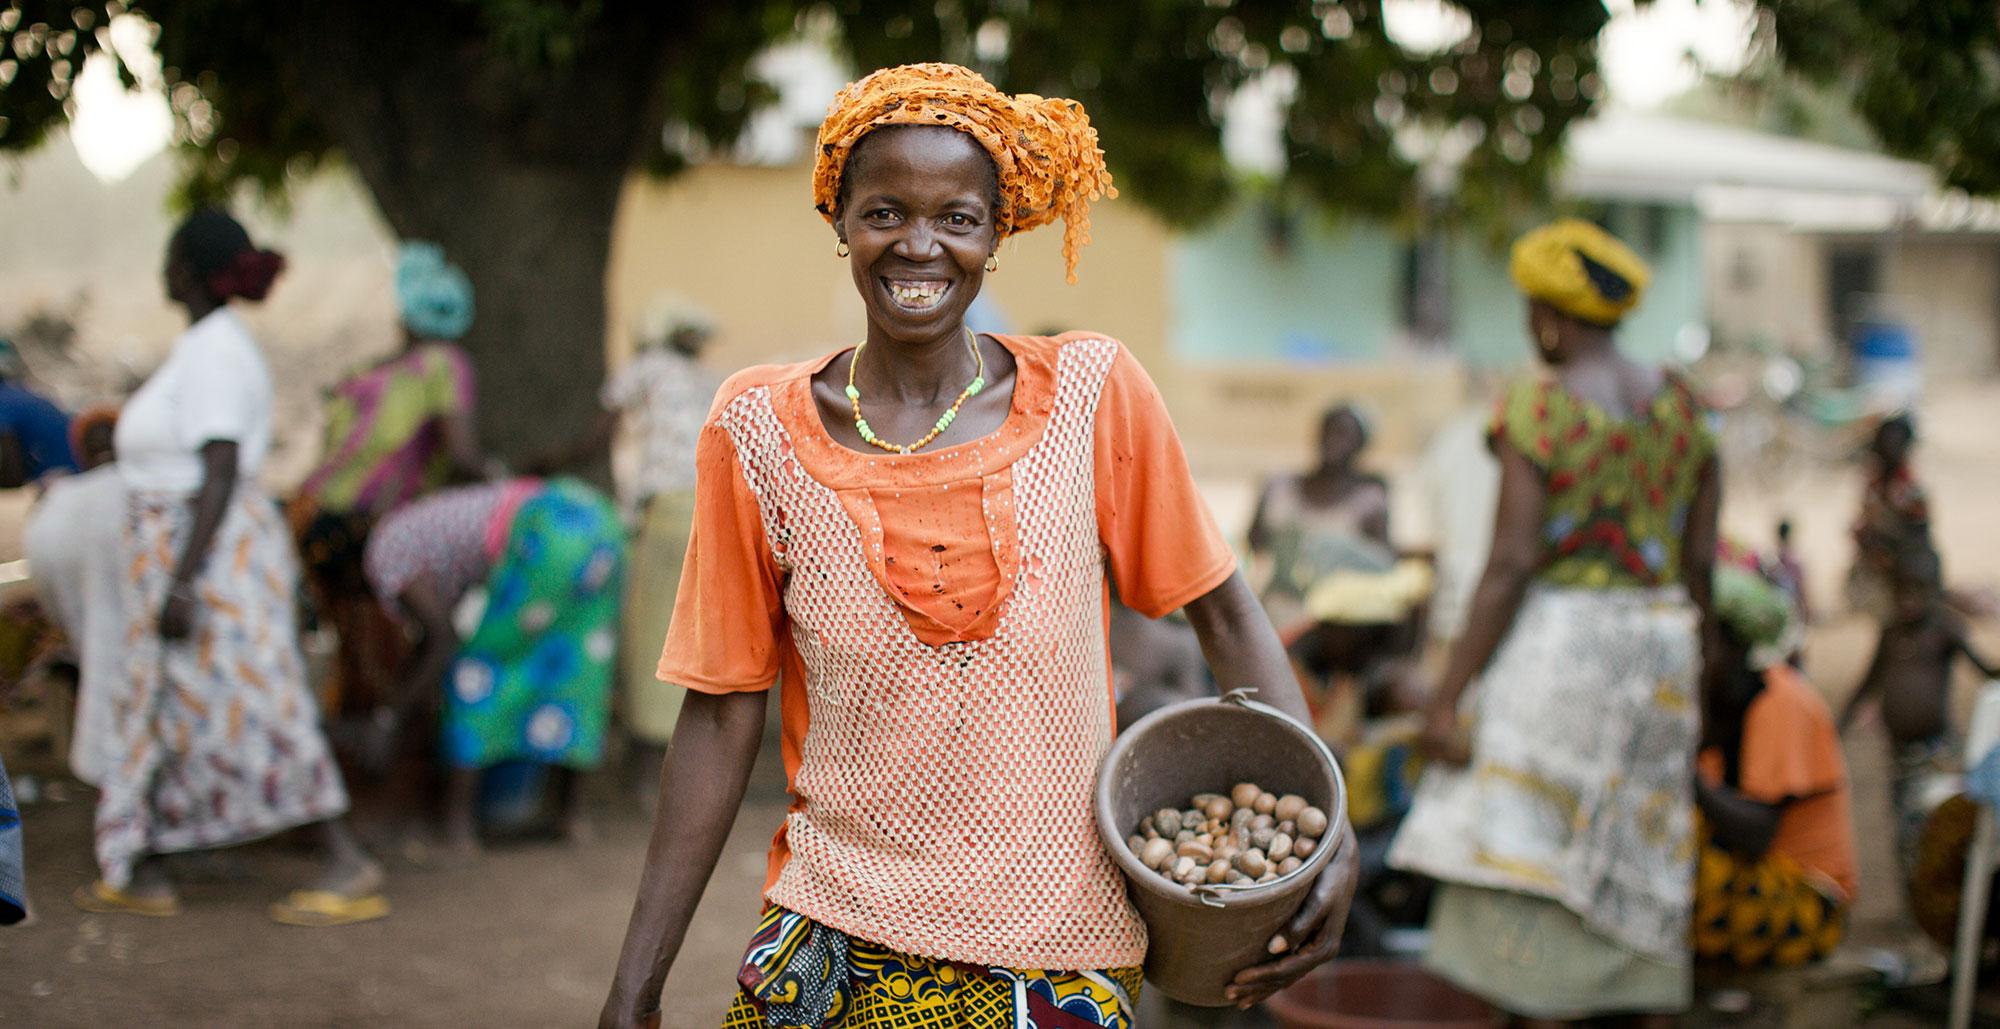 Uma mulher segurando um balde sorri.